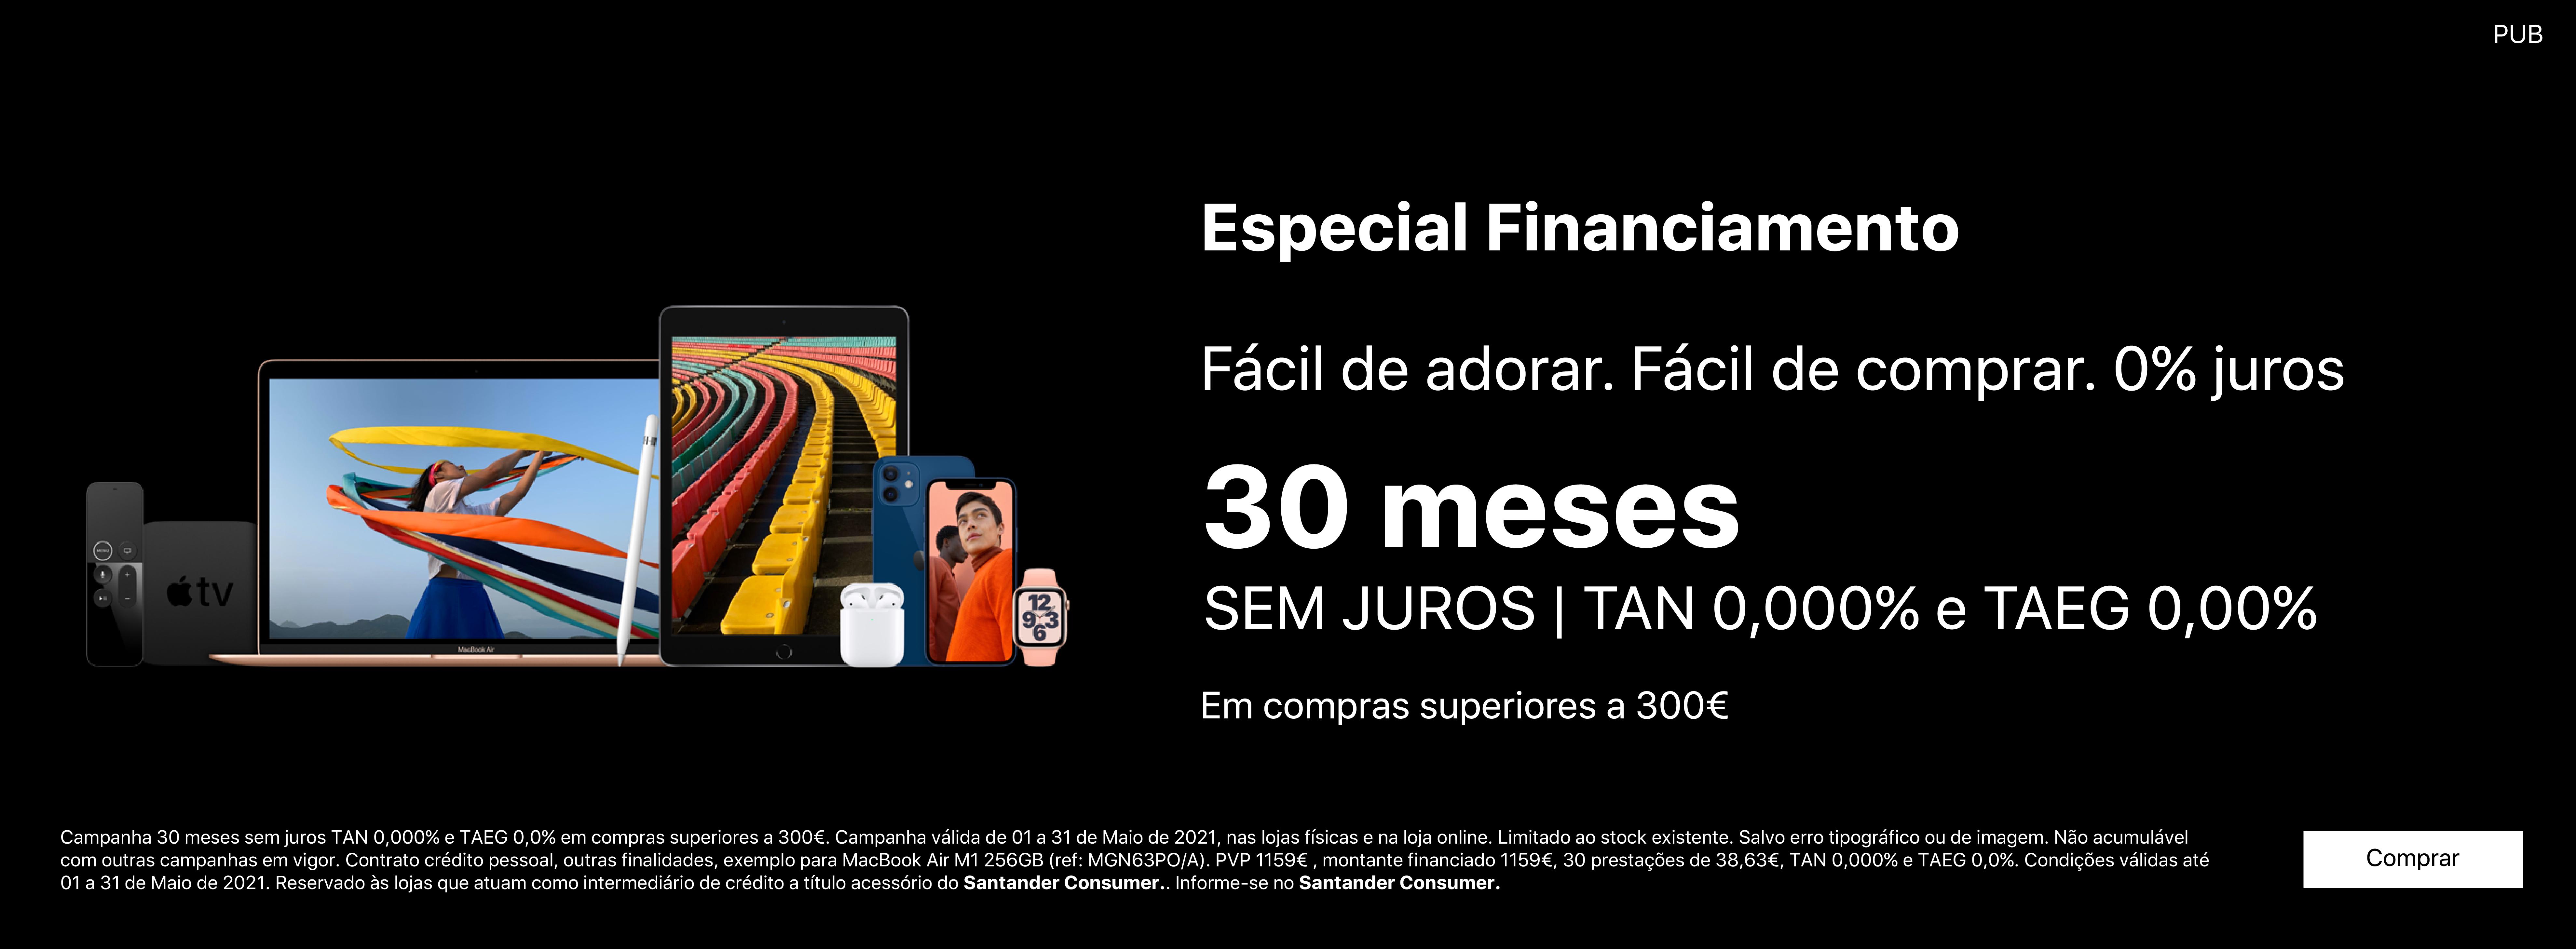 Homepage Slideshow - Financiamento 30x Maio